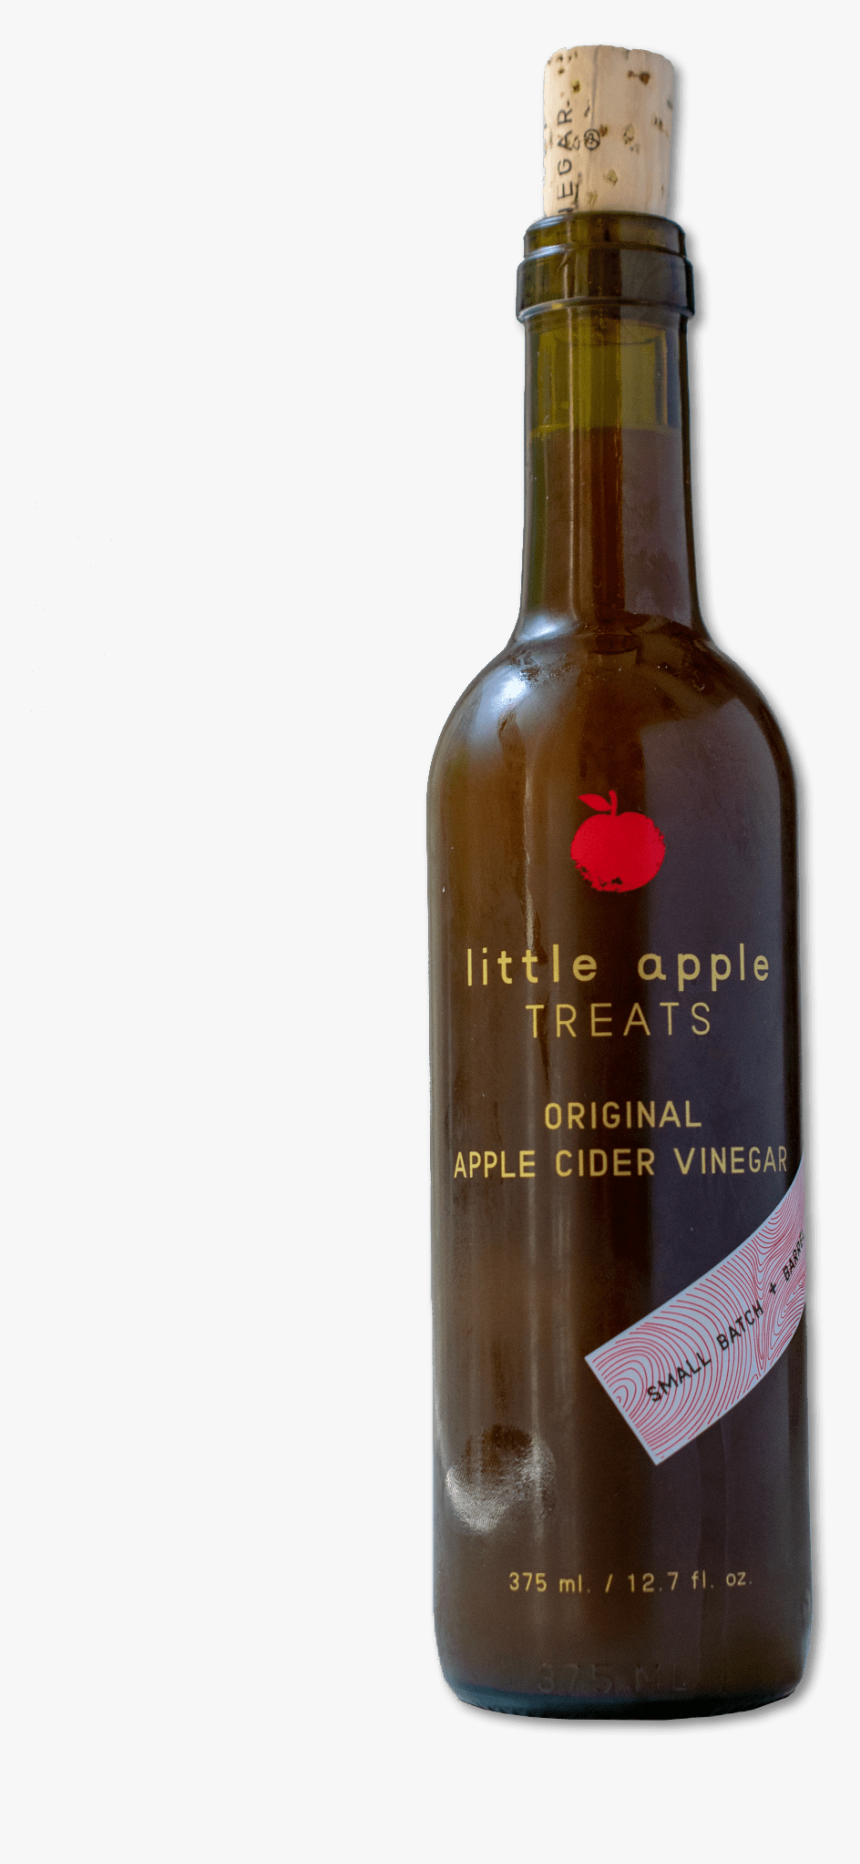 Apple Cider Png, Transparent Png, Free Download